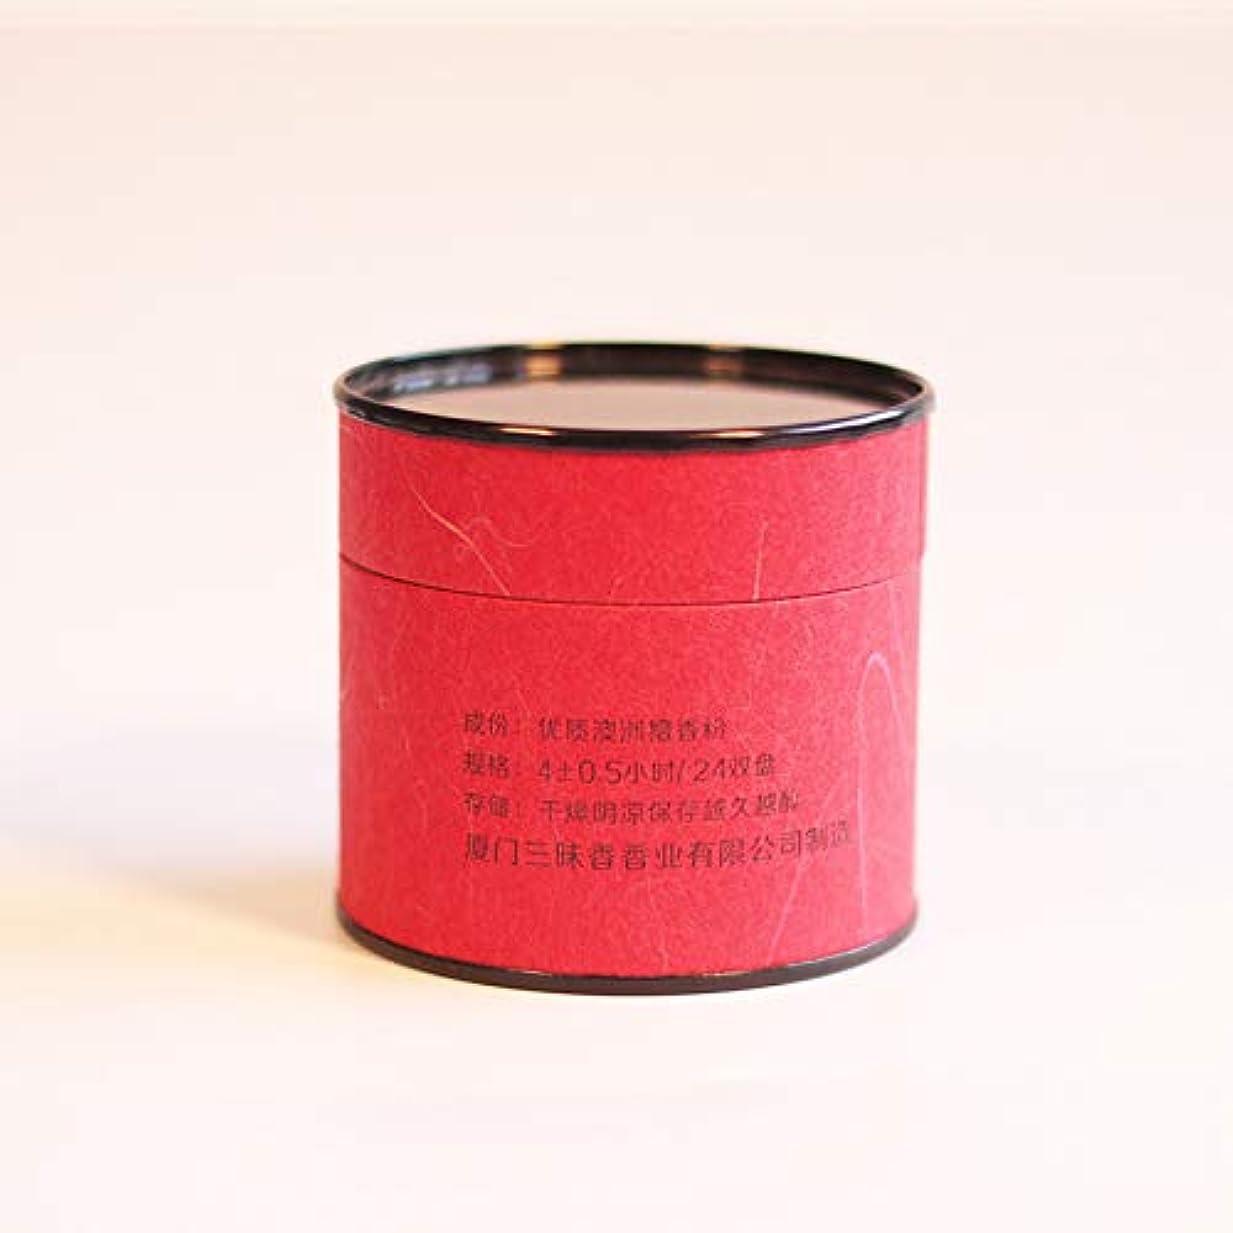 配列快い常識Diatems - インドネシアの純心沈香香オーストラリア香り白檀香リング香コイル4時間[サンダル]